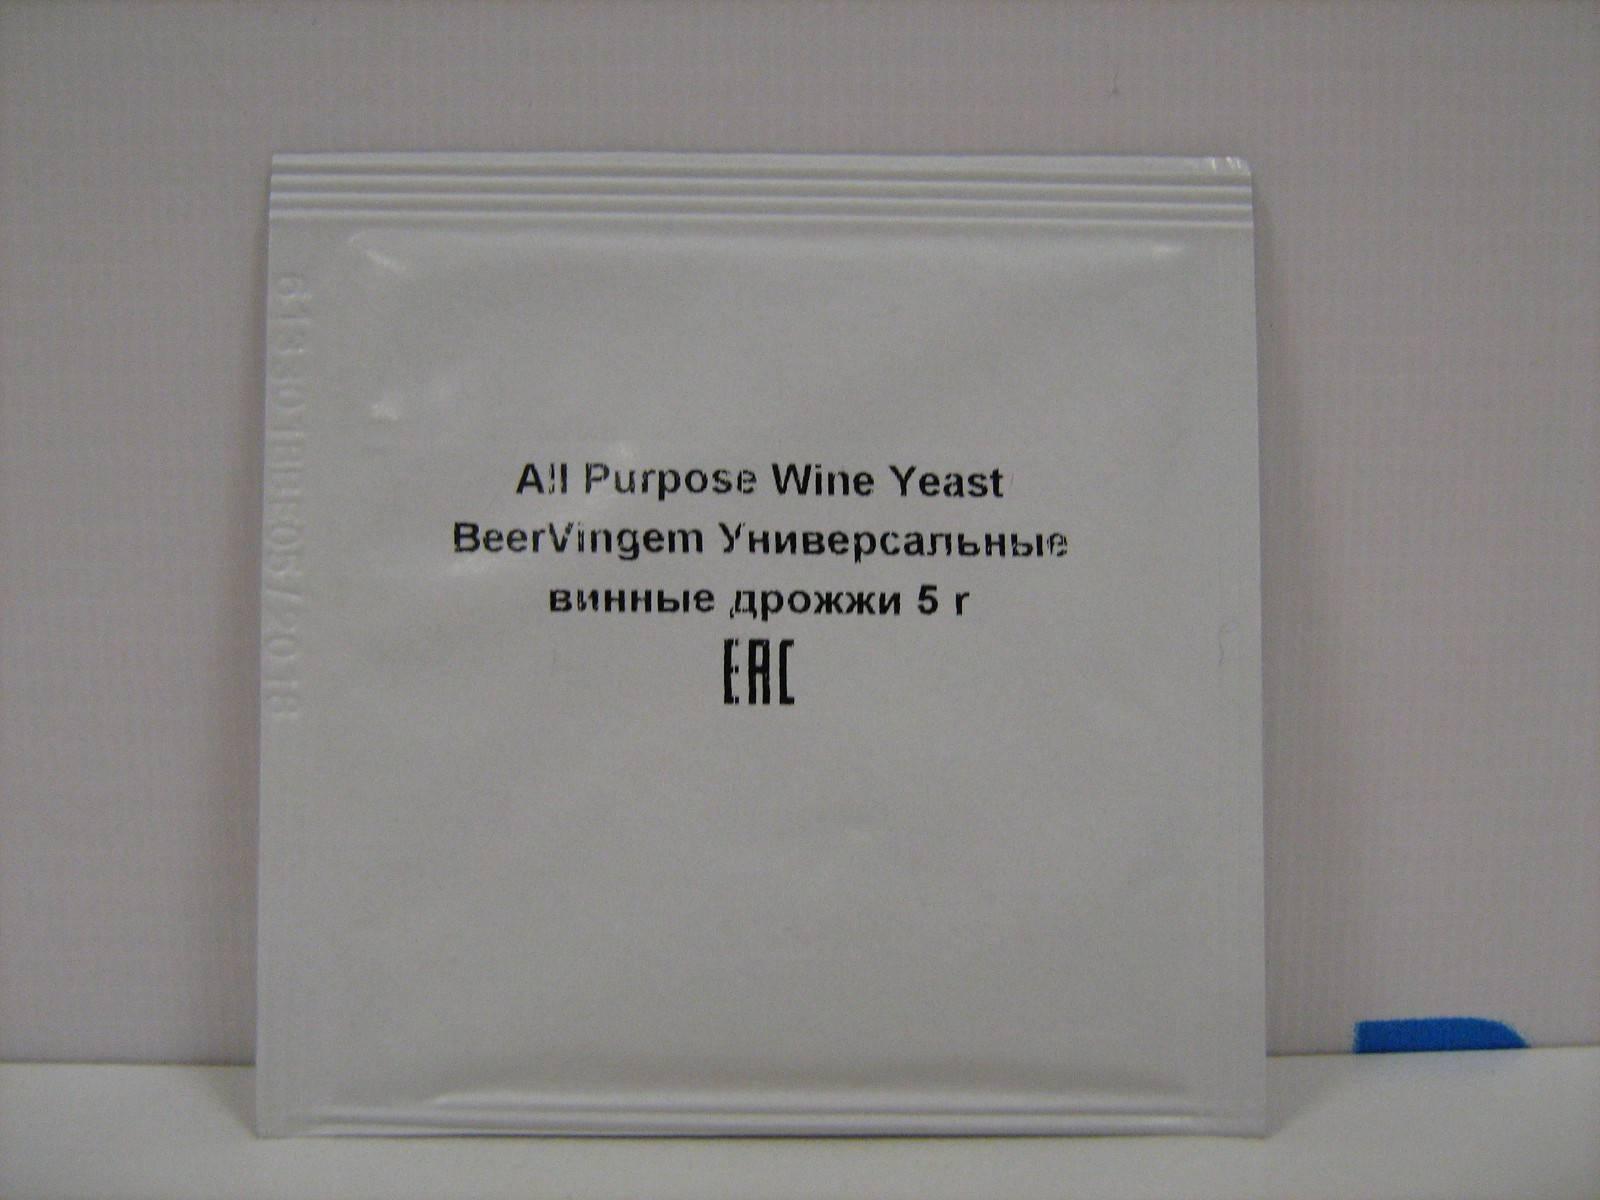 Брага на винных дрожжах: особенности приготовления